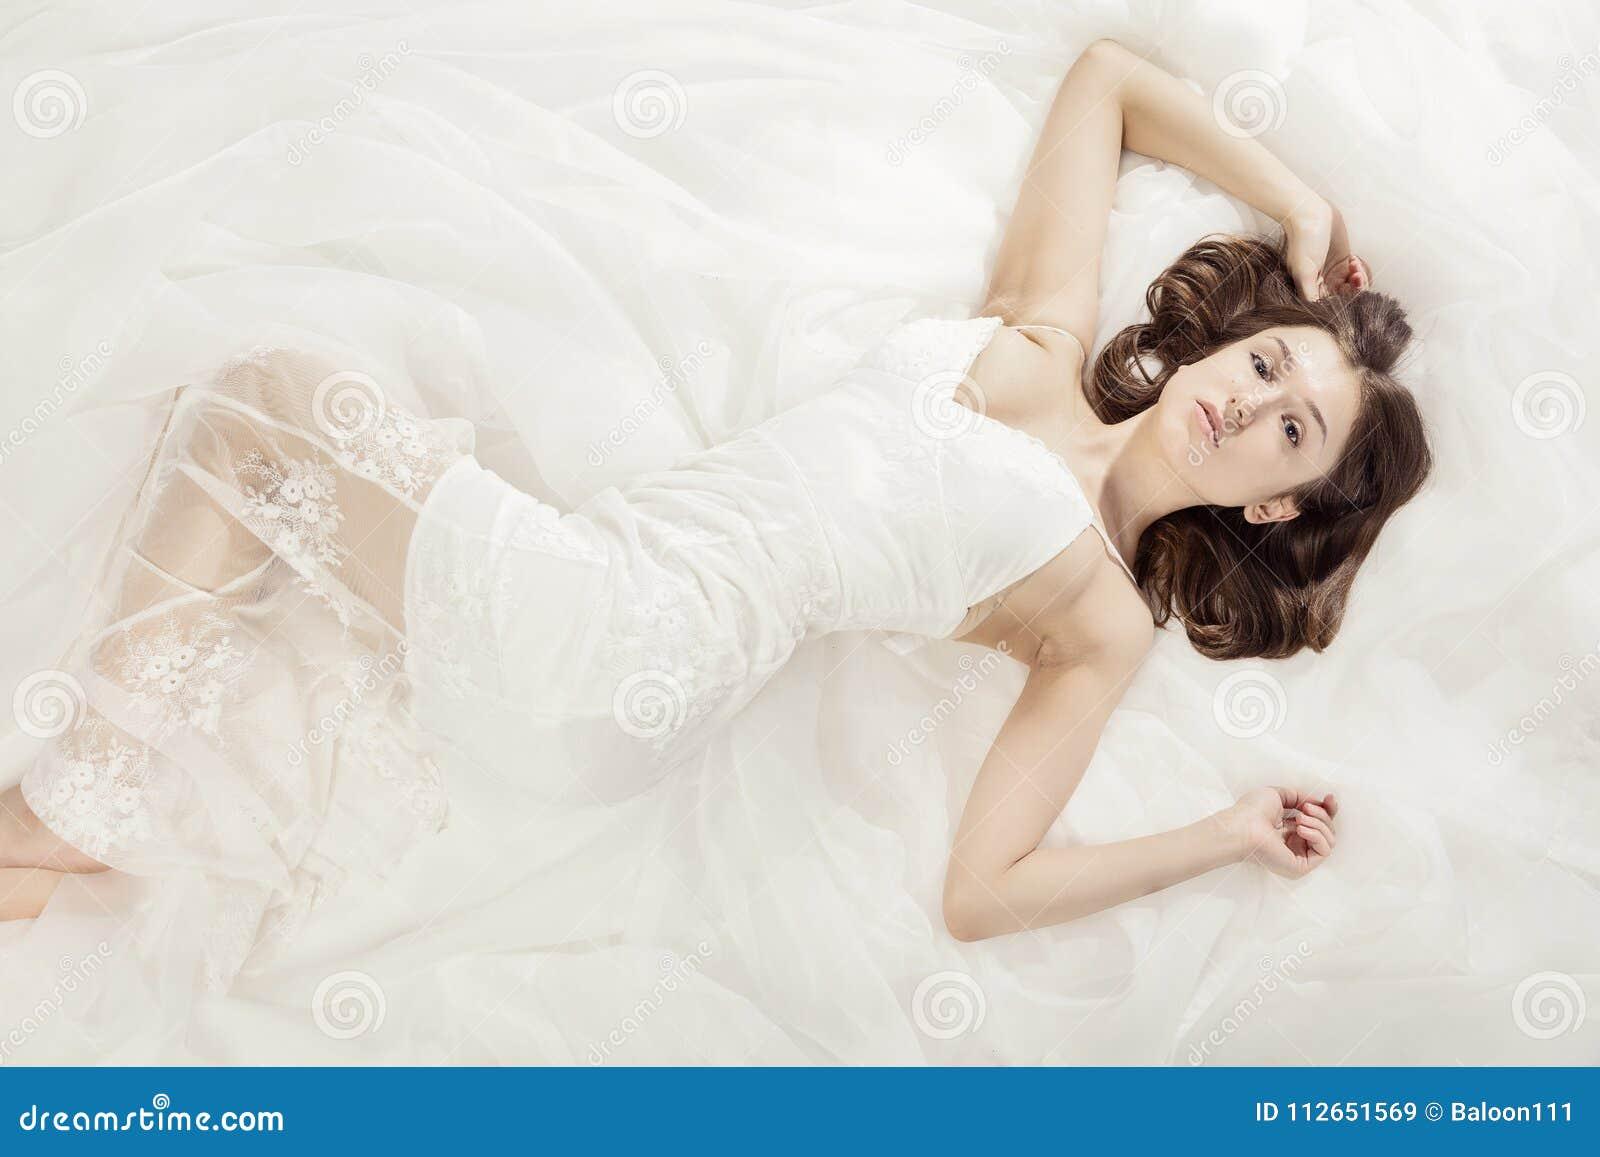 Сексуальная девушки лежит